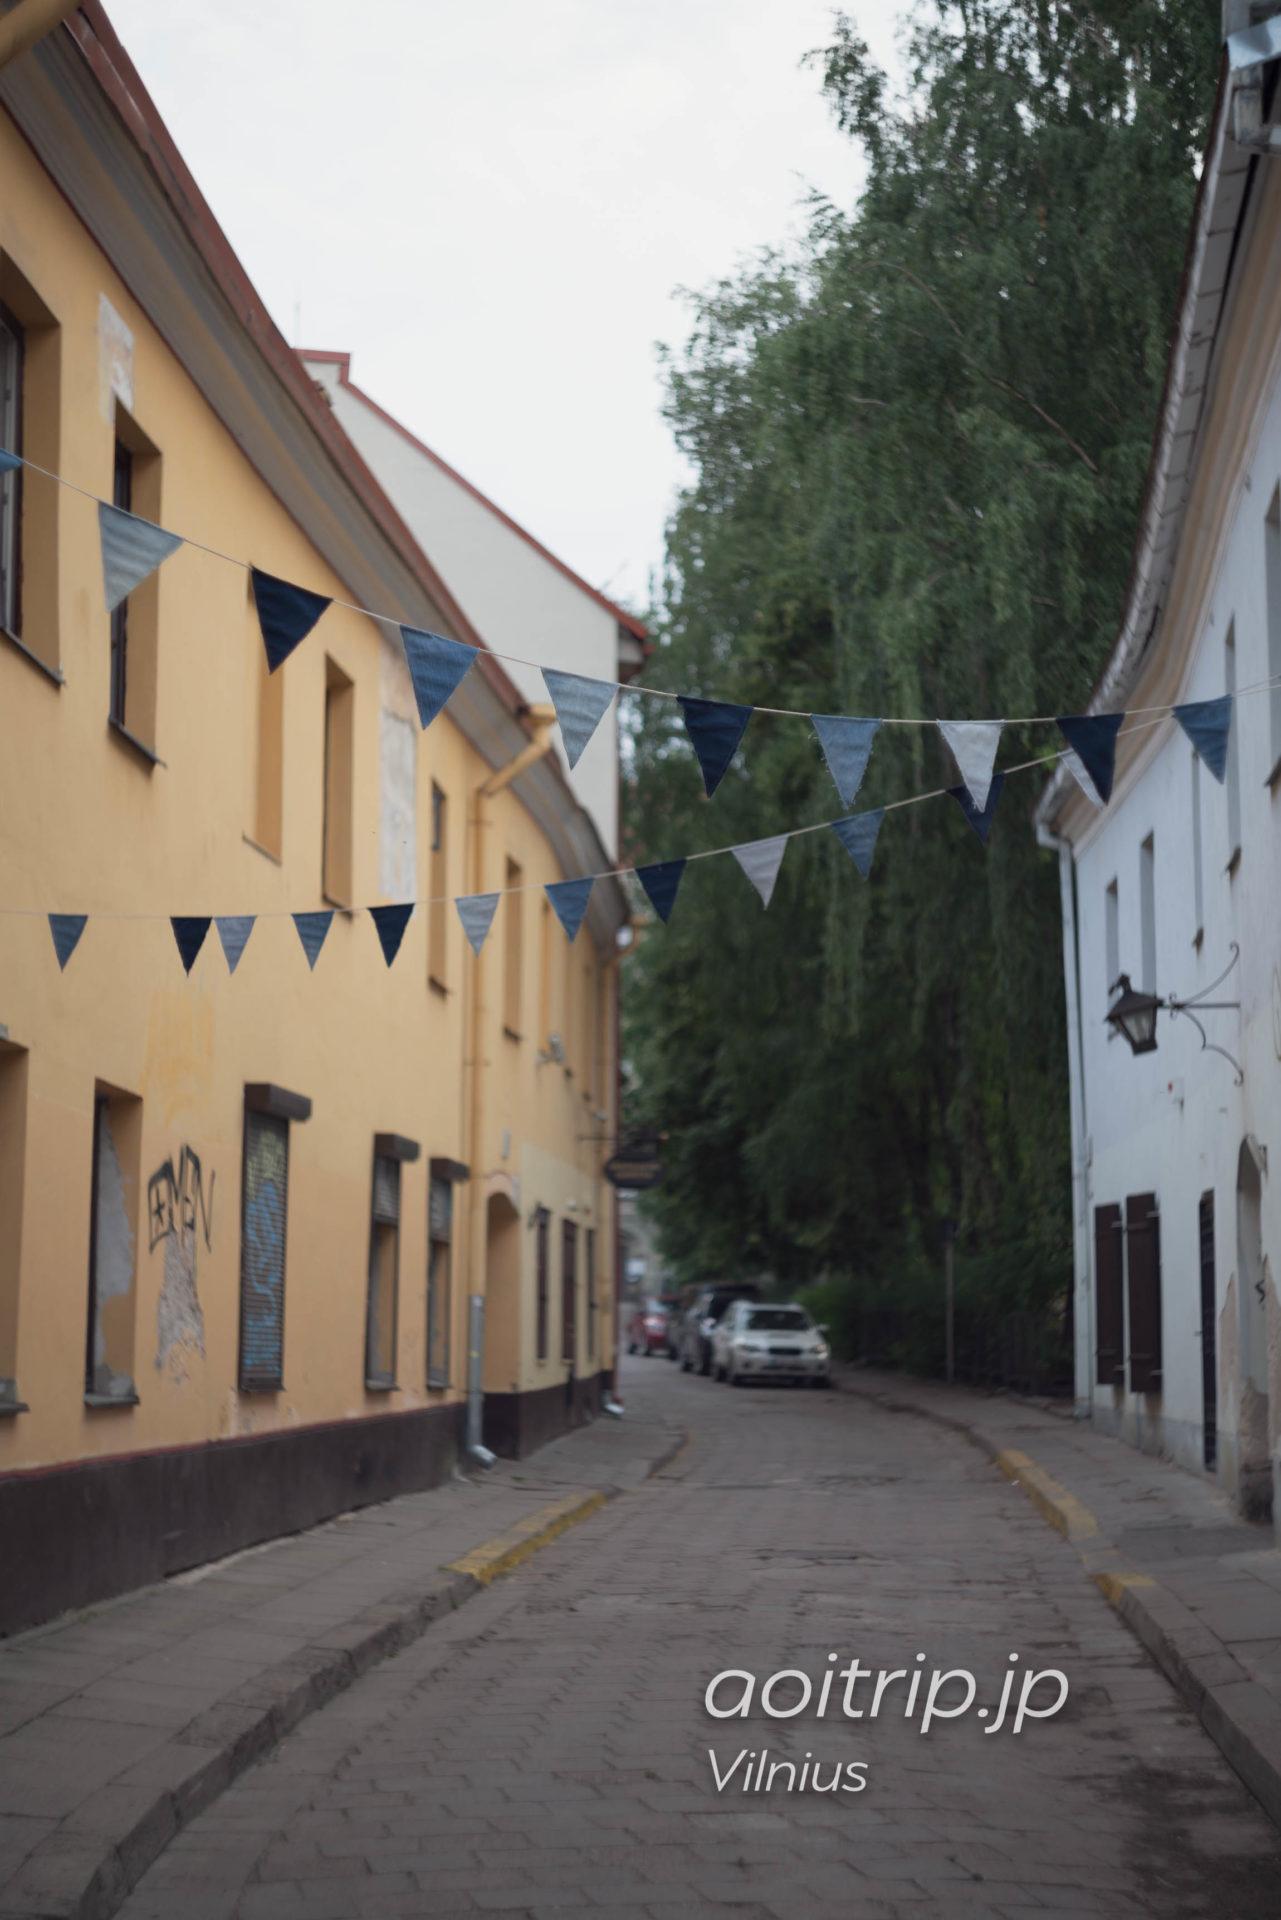 Žydų g, Vilnius